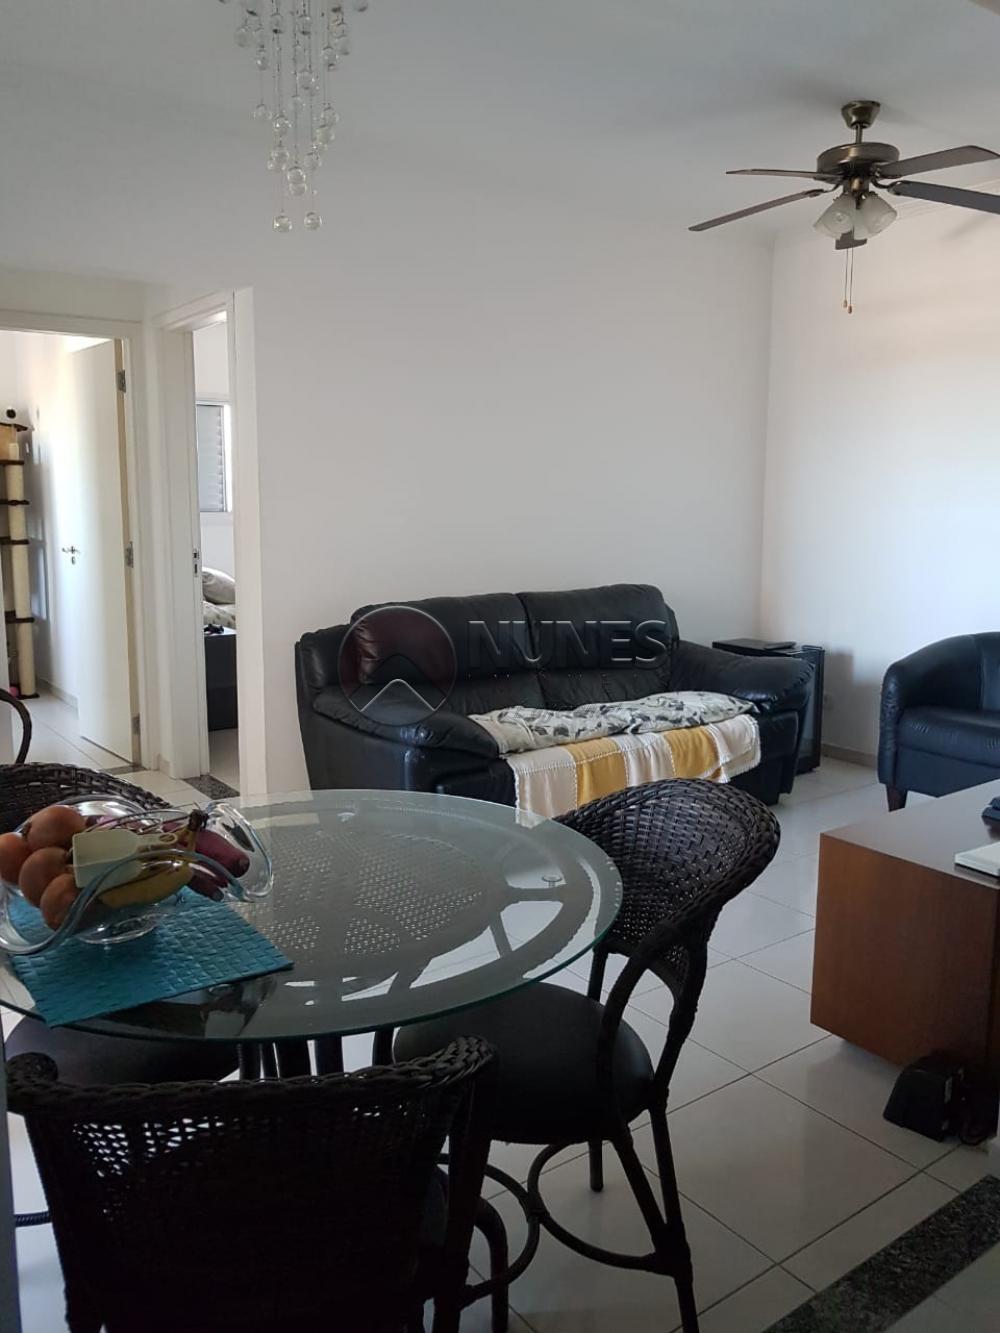 Comprar Apartamento / Padrão em Caraguatatuba apenas R$ 350.000,00 - Foto 6